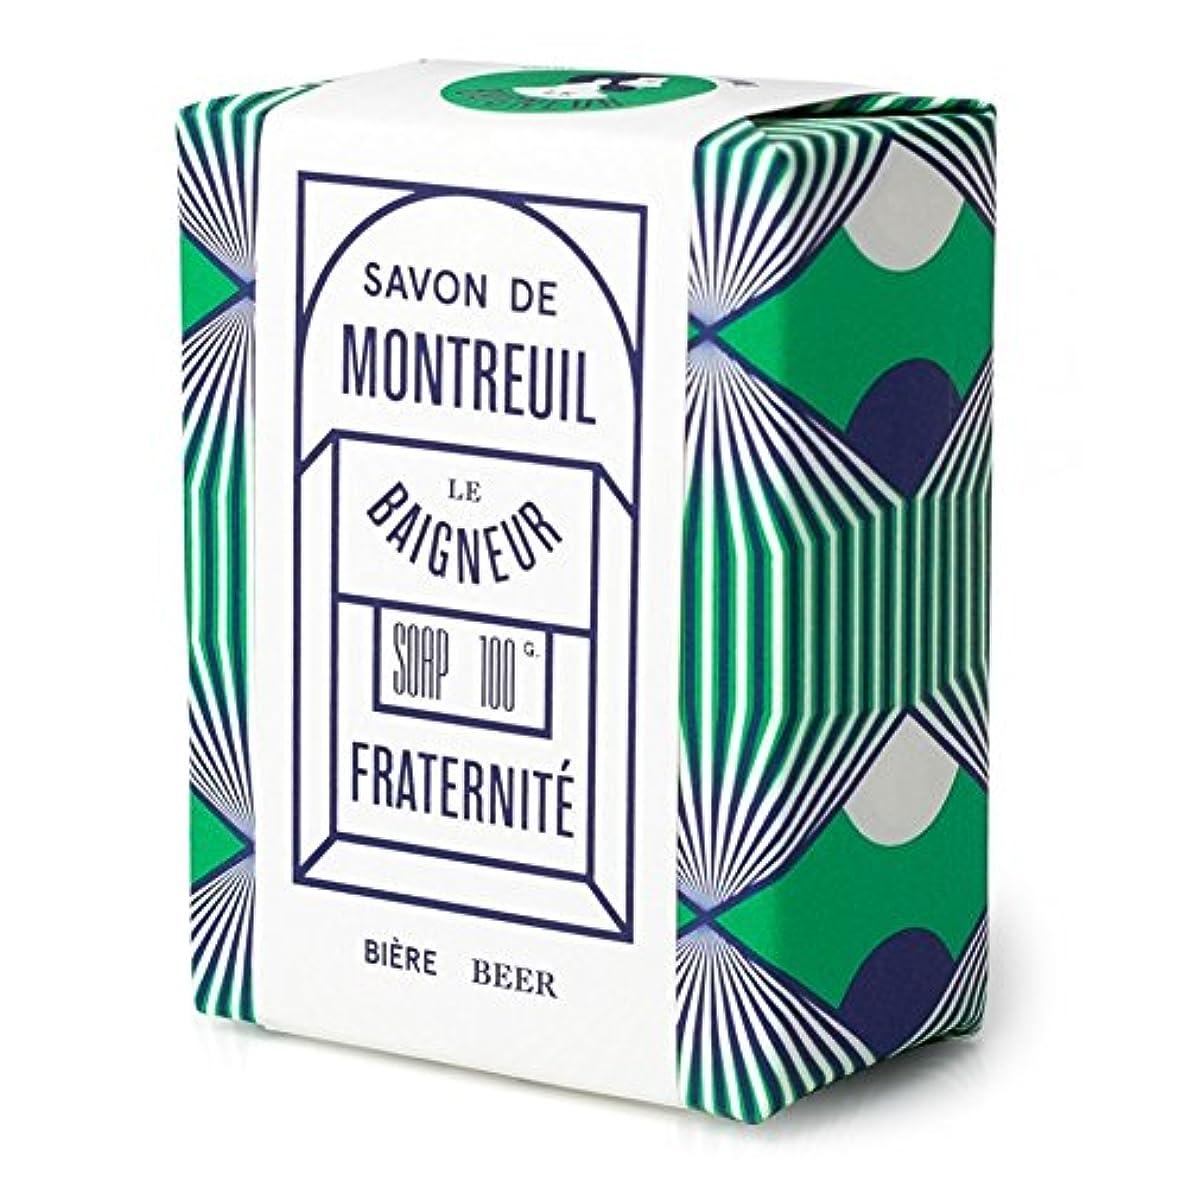 ブロッサム日光永遠にル 石鹸100グラム x2 - Le Baigneur Fraternite Soap 100g (Pack of 2) [並行輸入品]